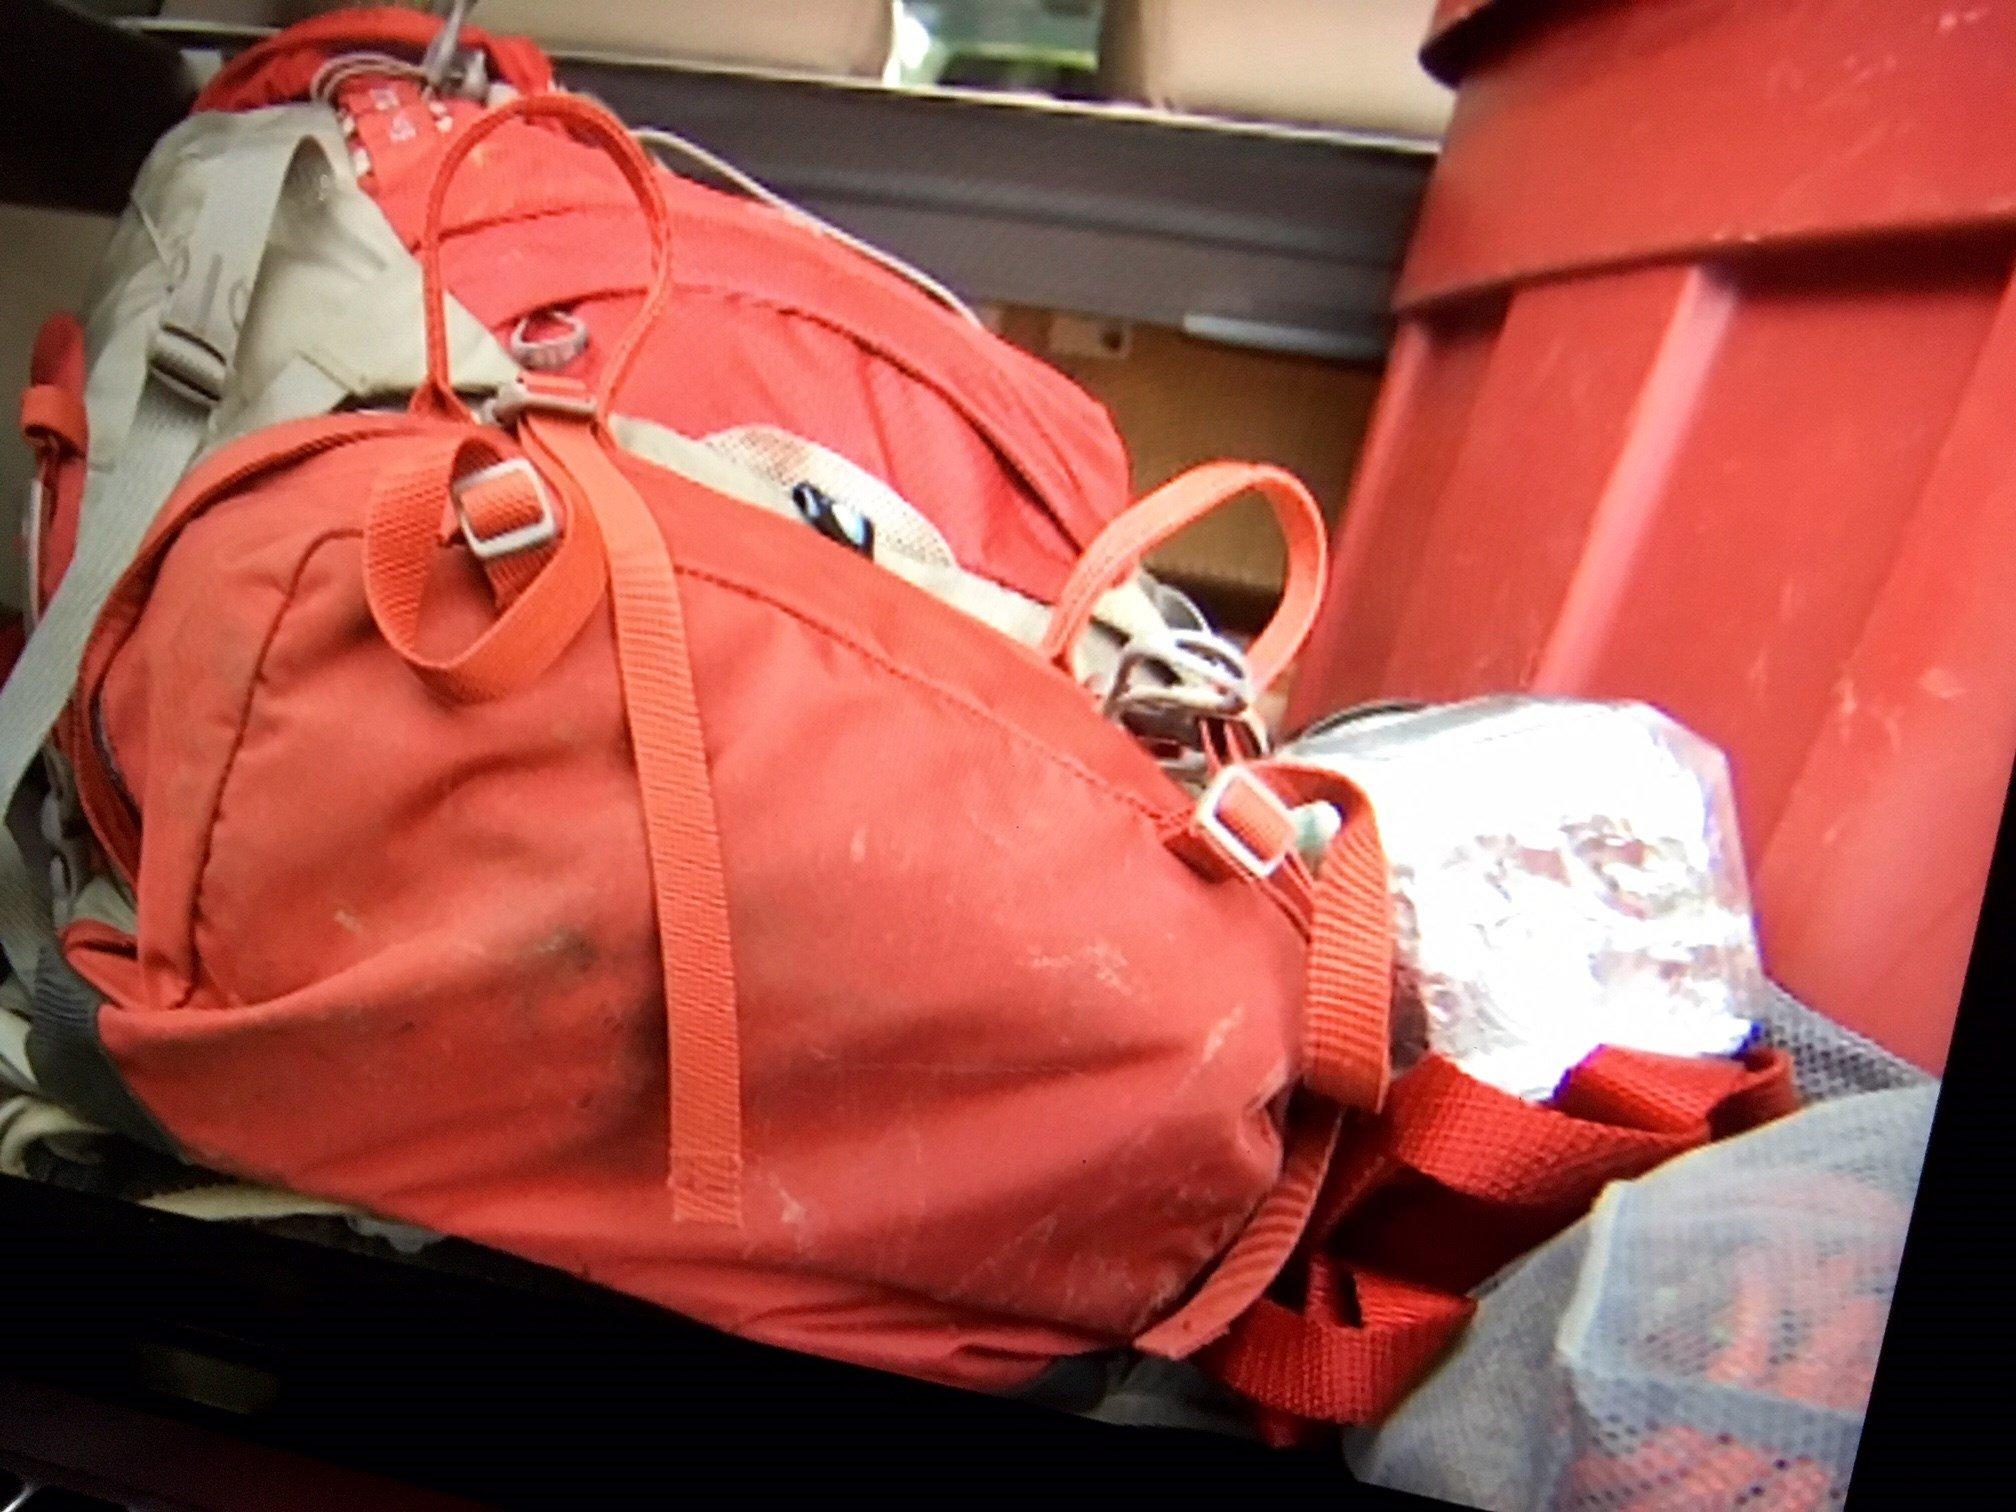 PNWSAR member Jerry King's backpack. (KPTV)